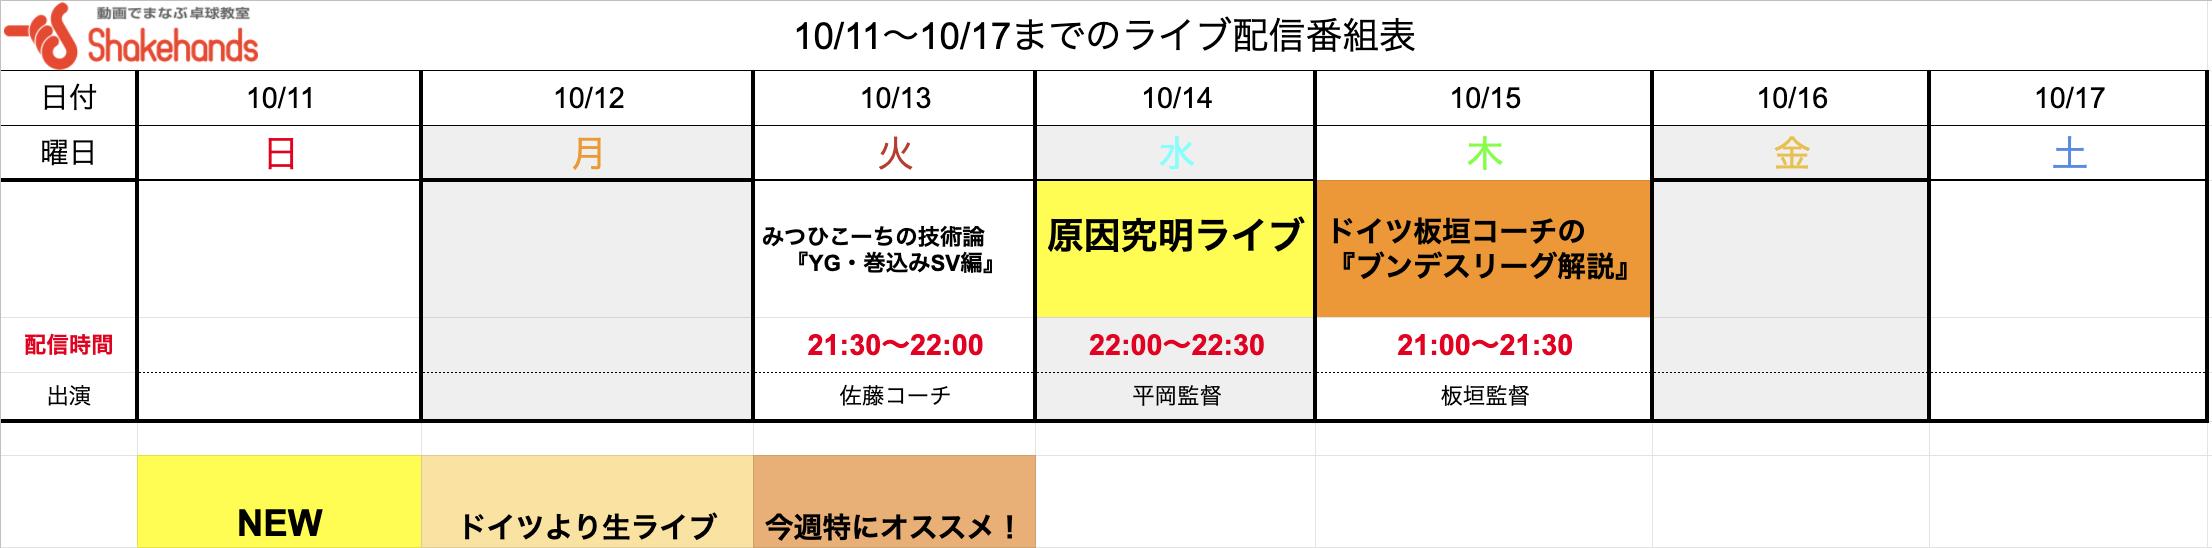 【動画会員限定ライブ!】10/11〜10/17の番組表公開しました!